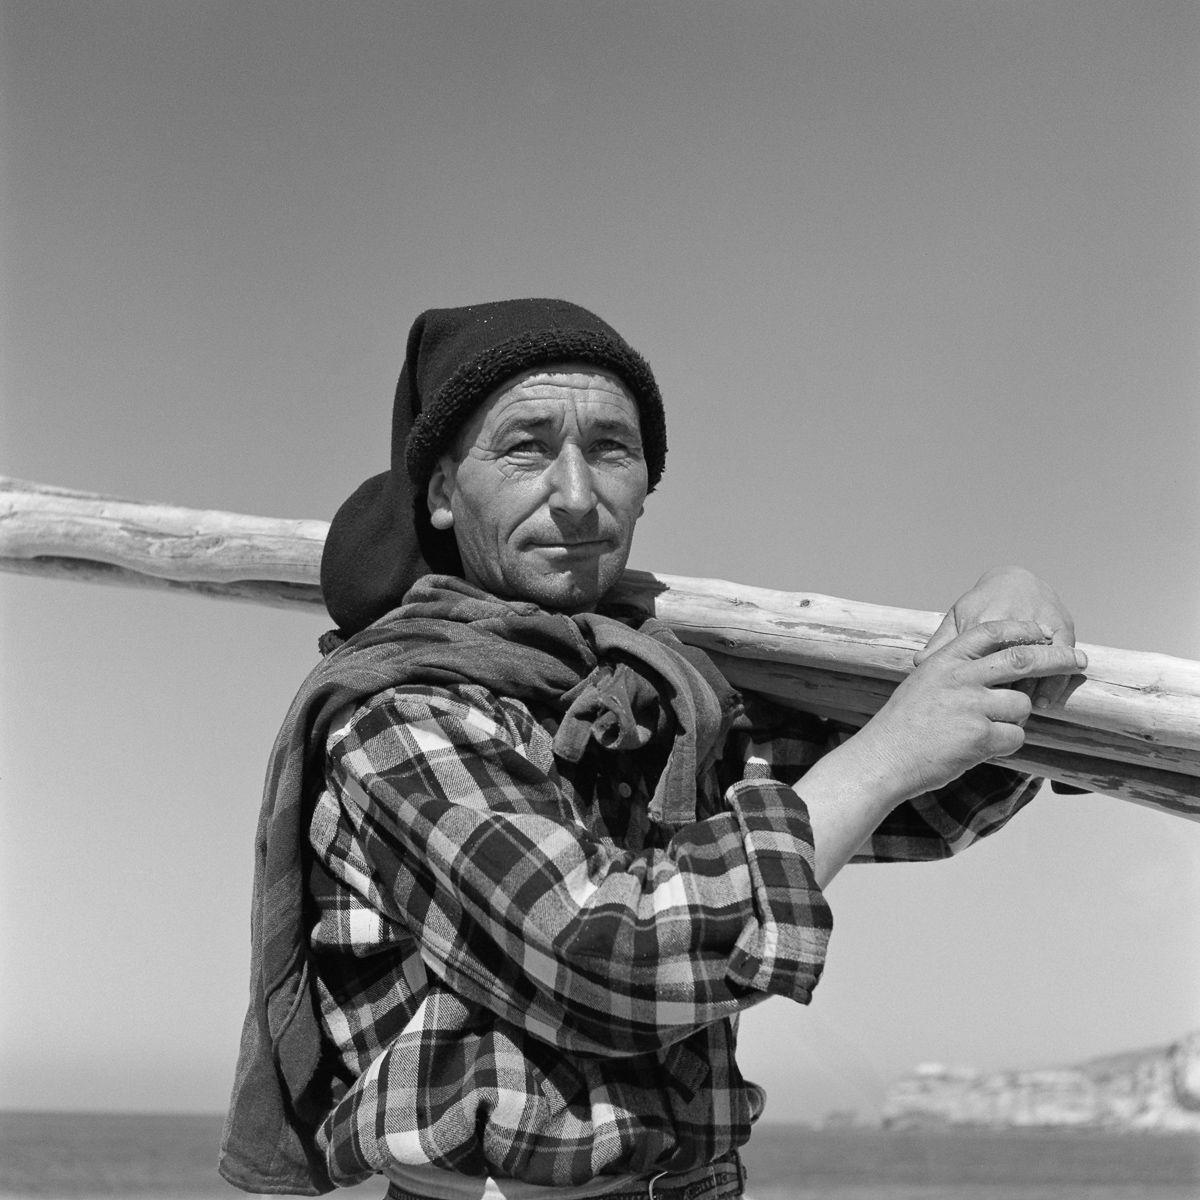 Fotografias deslumbrantes capturam a cultura da pesca dos anos 50 em Portugal 15